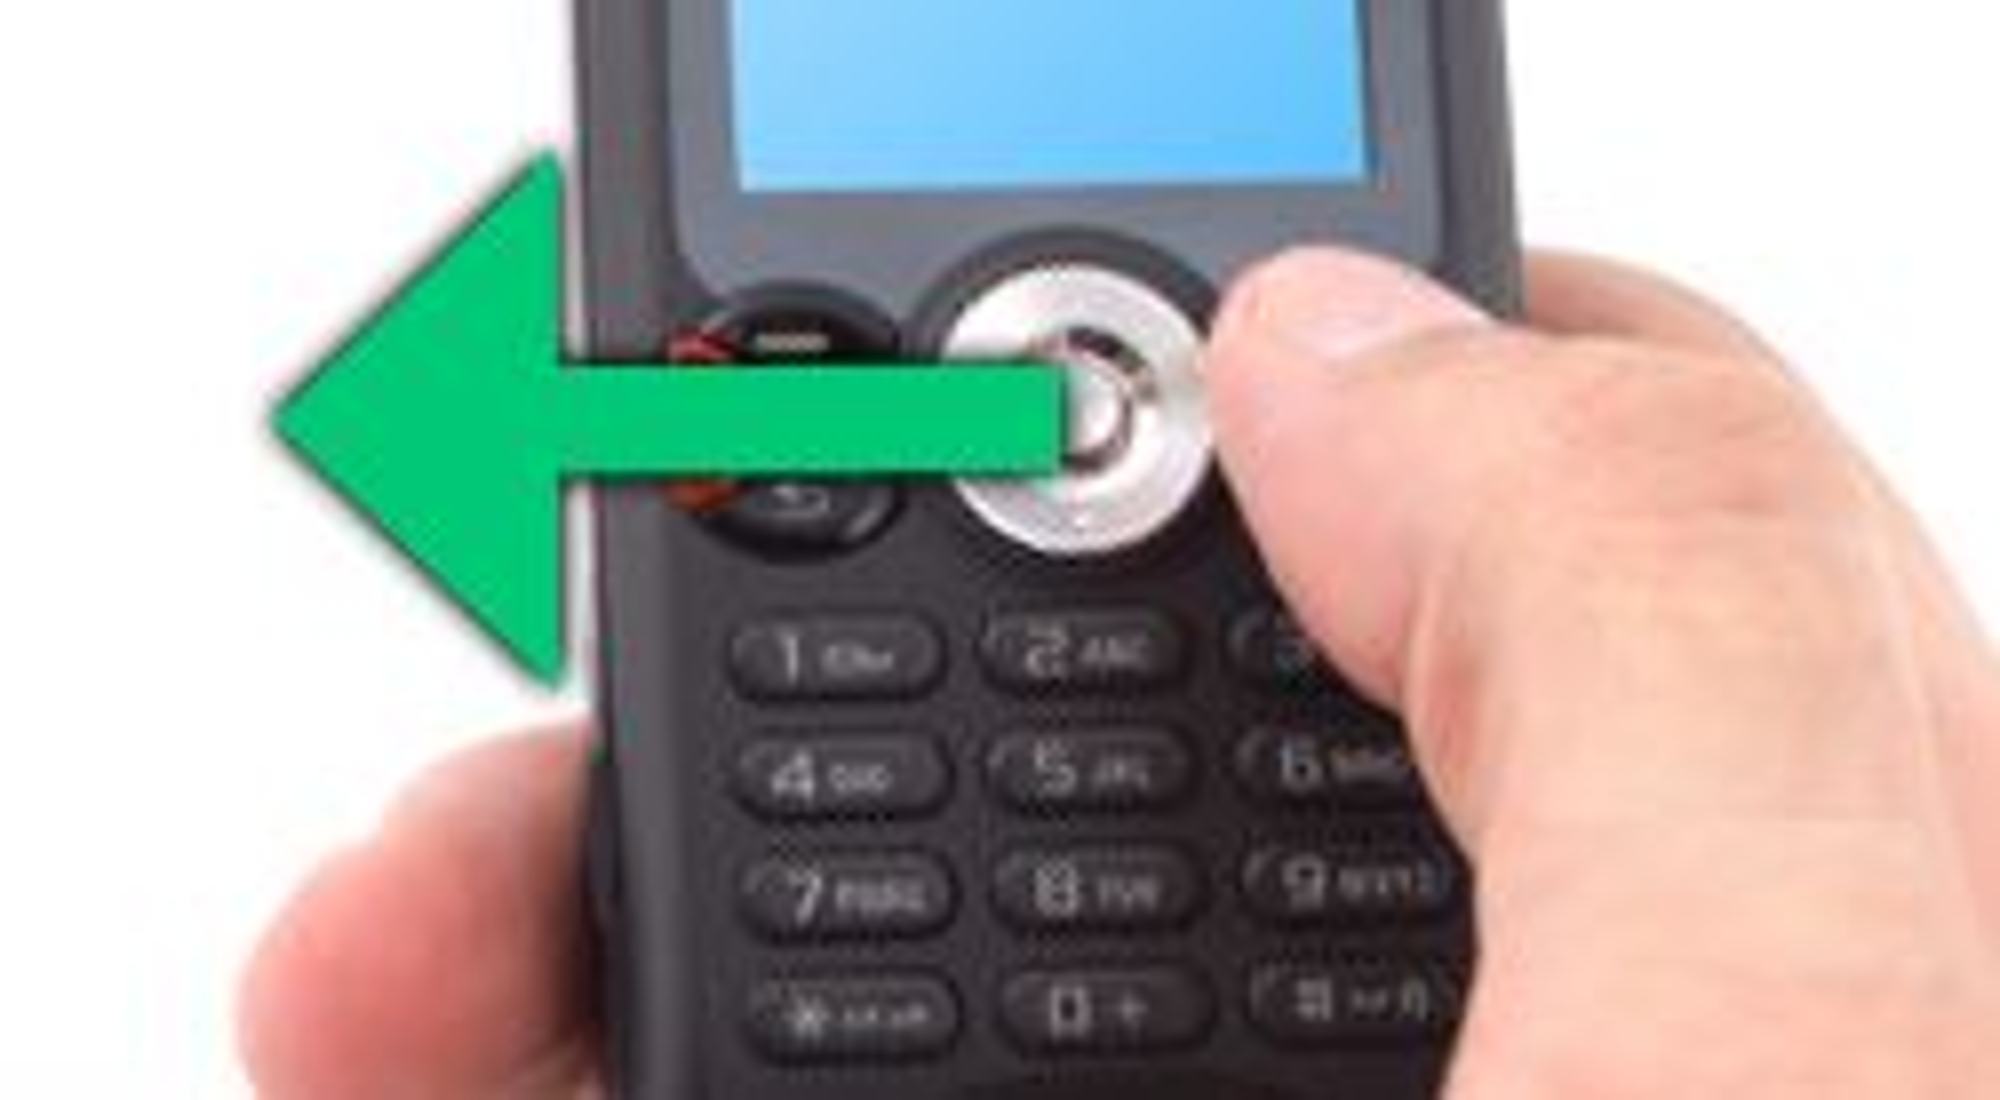 Piltasten til venstre er en lur snarveistast for å lage en ny melding.